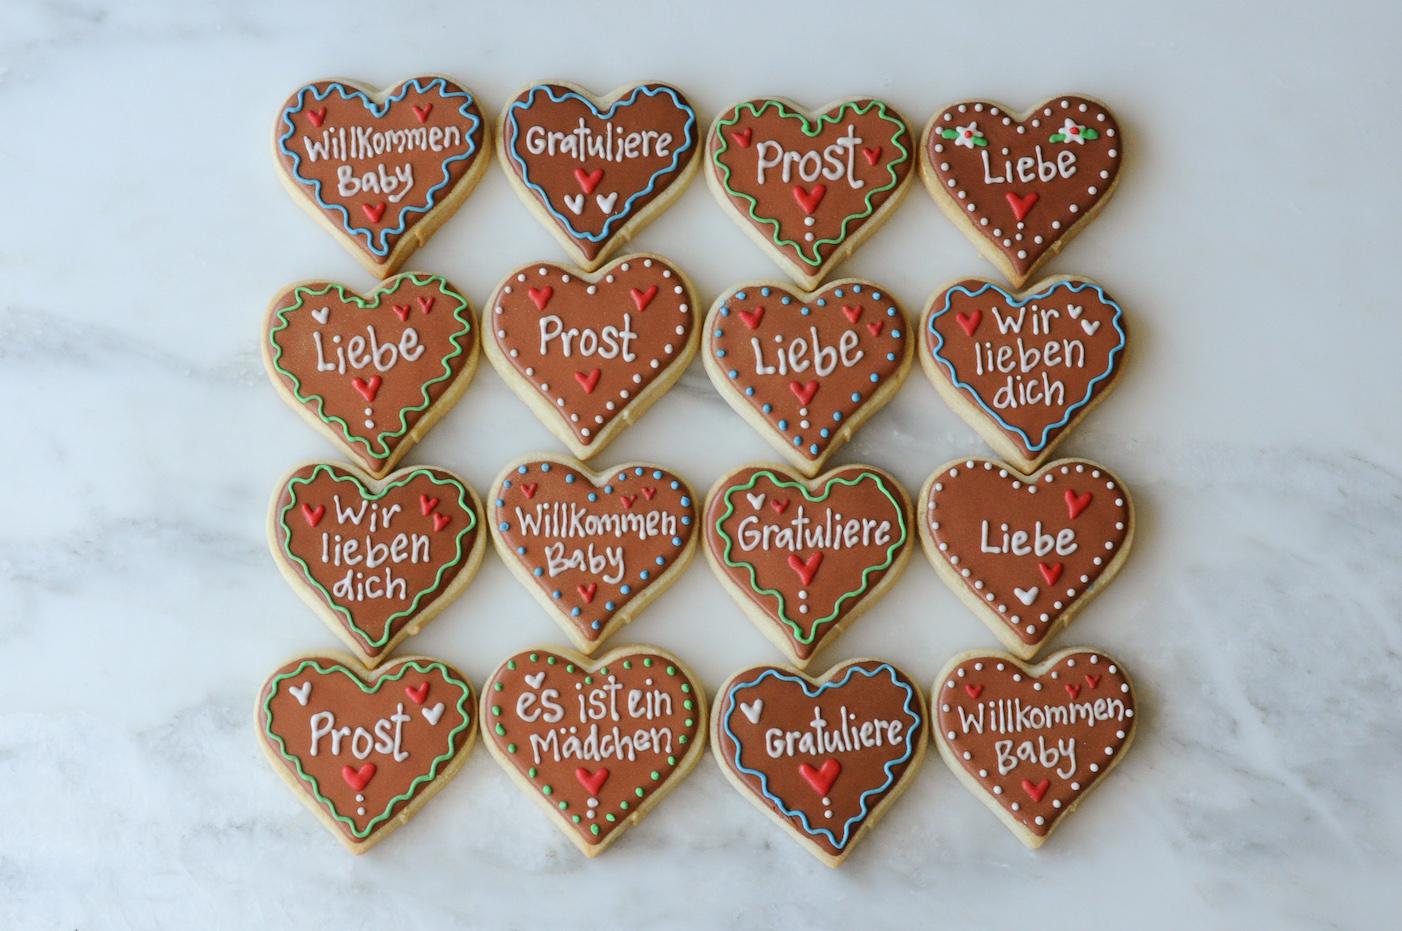 German Heart Cookies.jpg